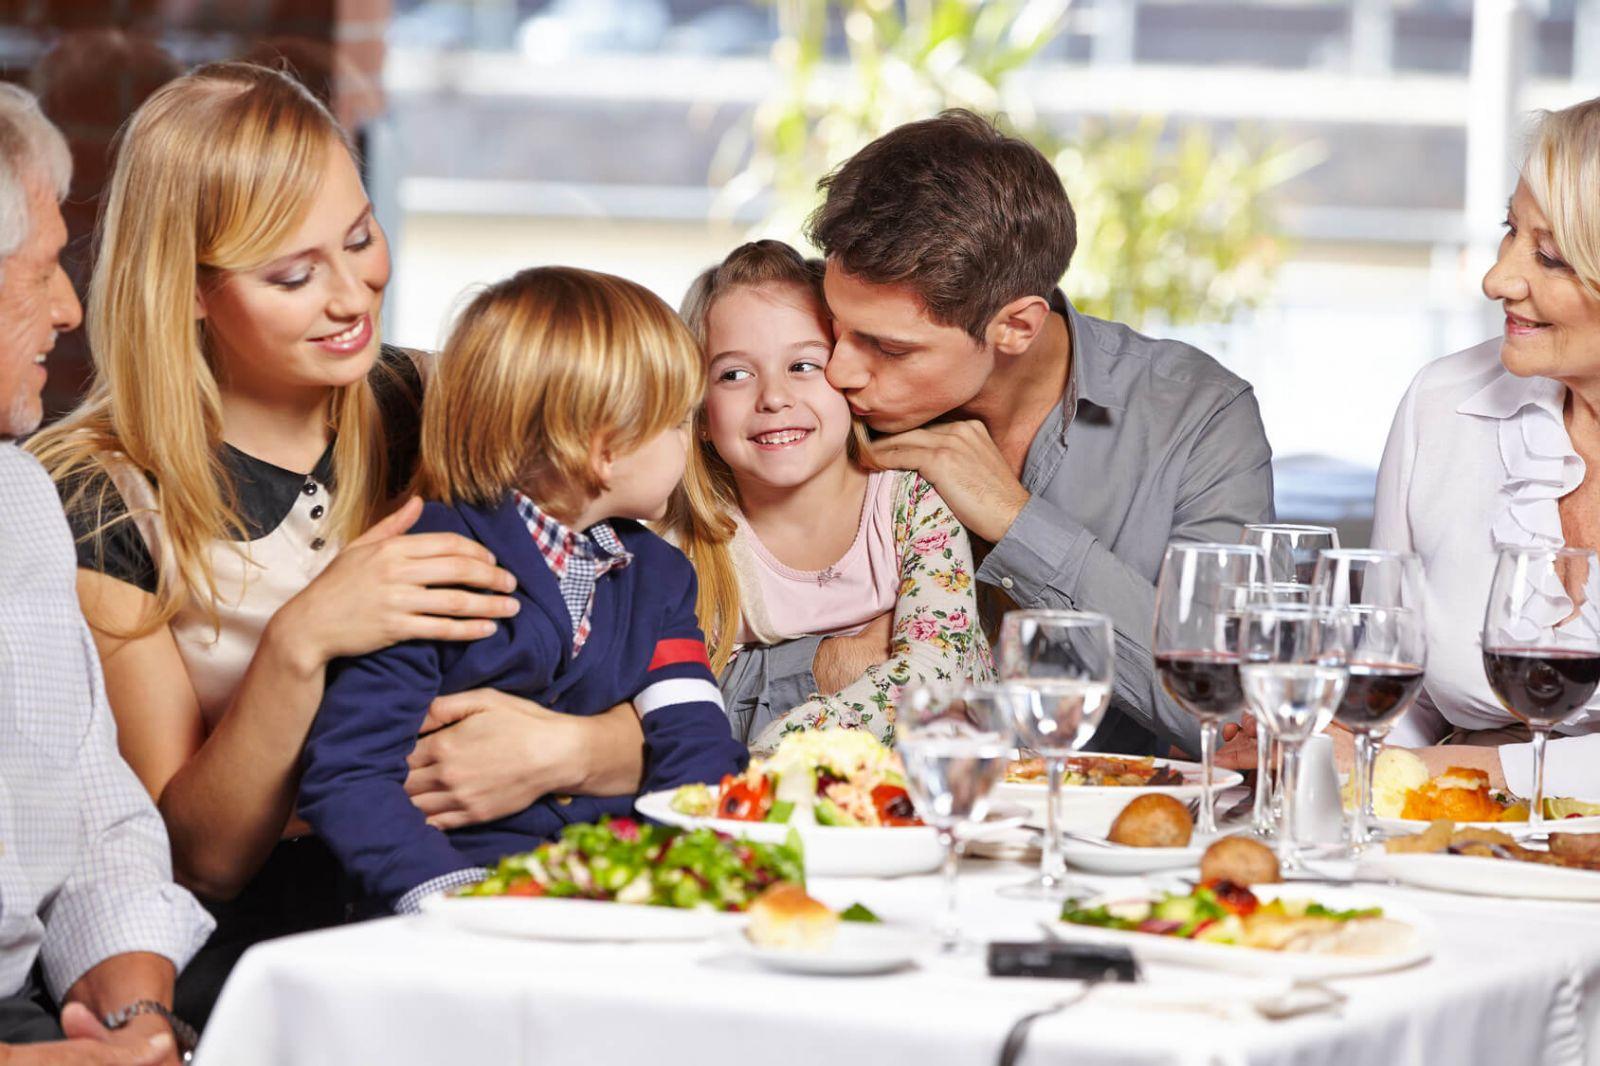 Mittagessen im Kreis der Familie.